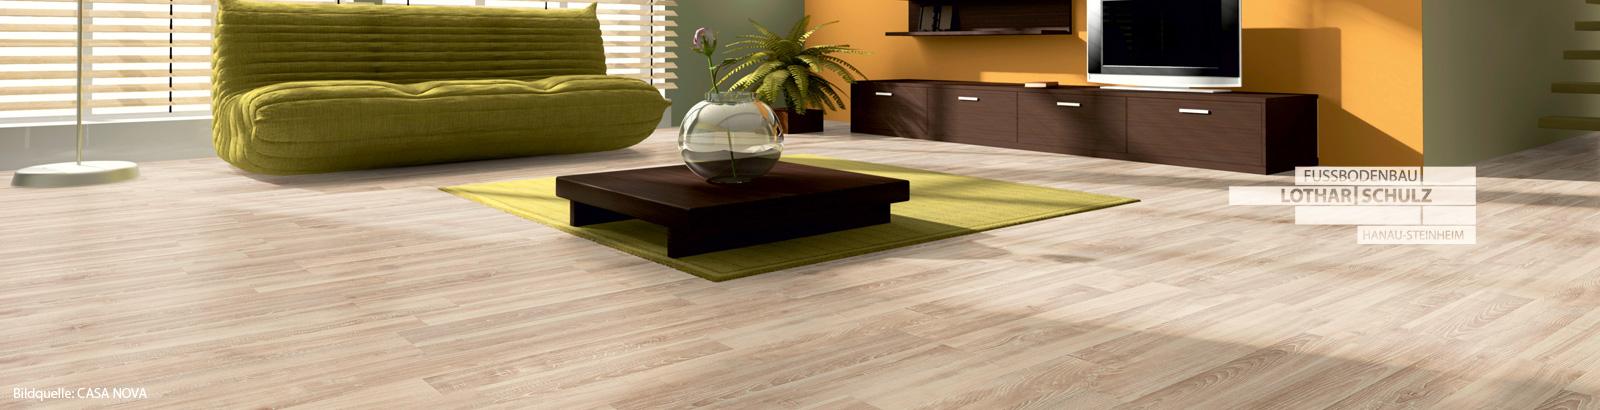 laminat in feuchtr umen wir sorgen daf r dass sie. Black Bedroom Furniture Sets. Home Design Ideas